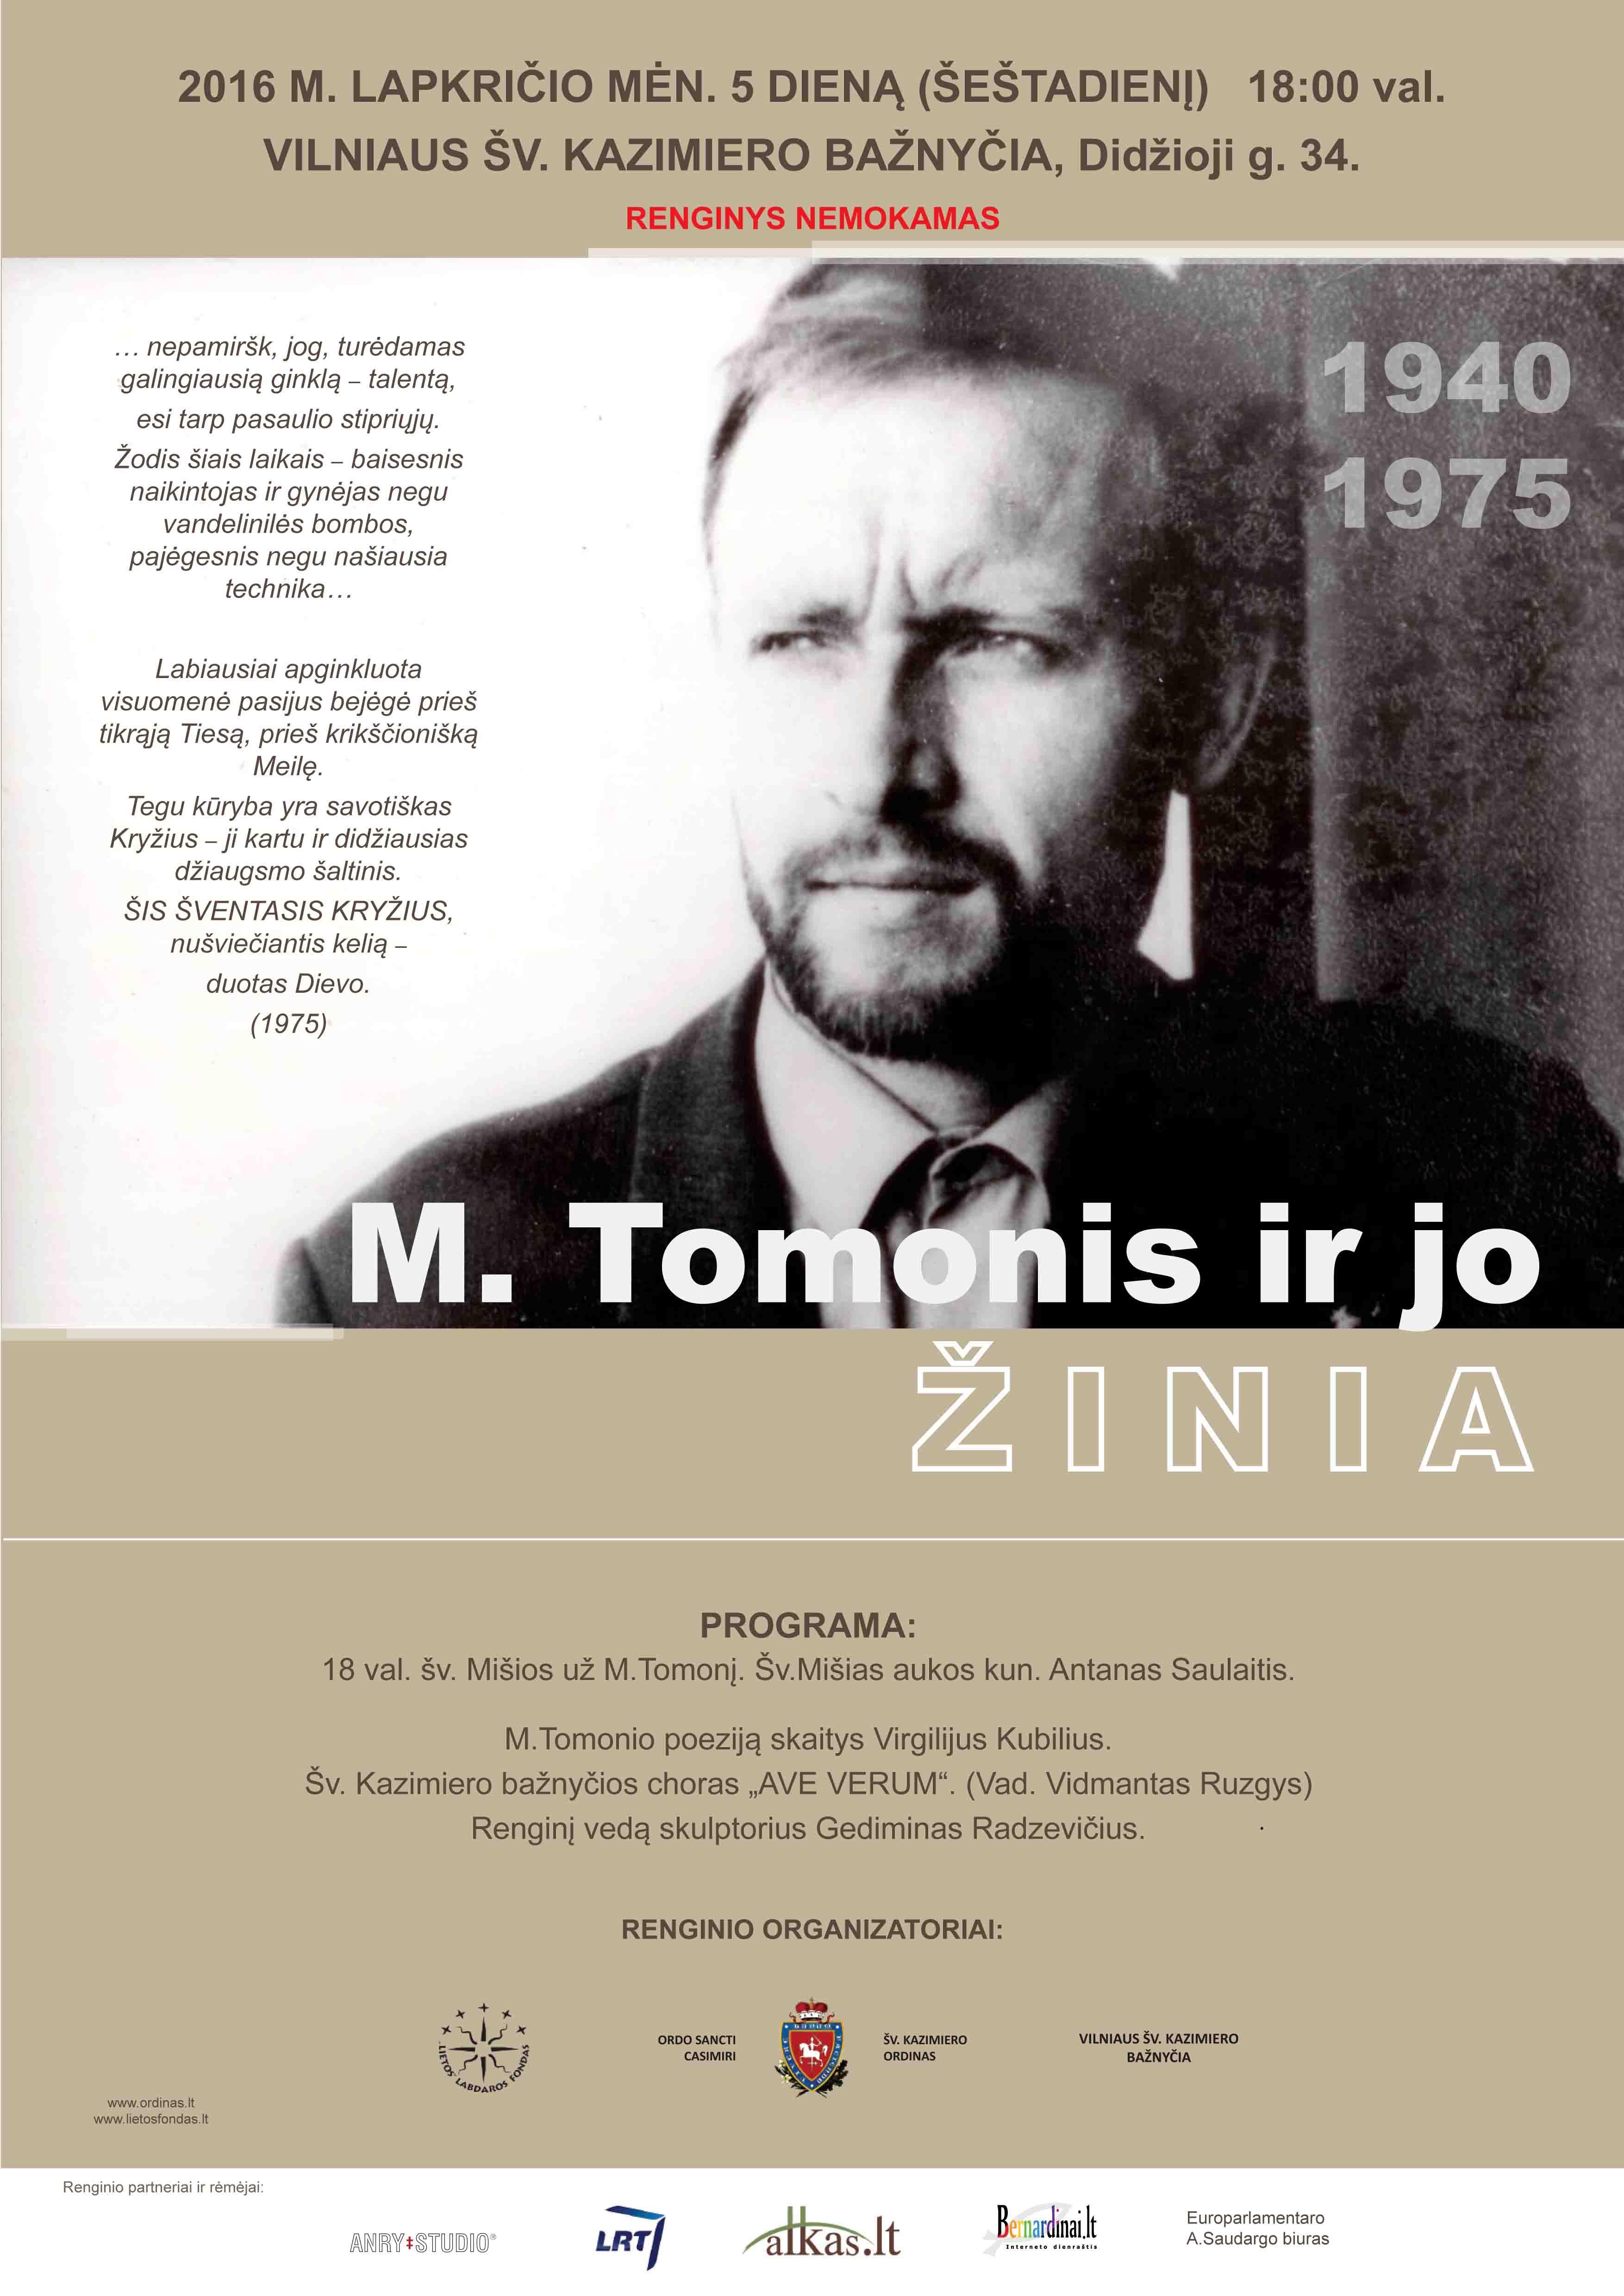 2016.11.05 M.TOMONIS VILNIUS